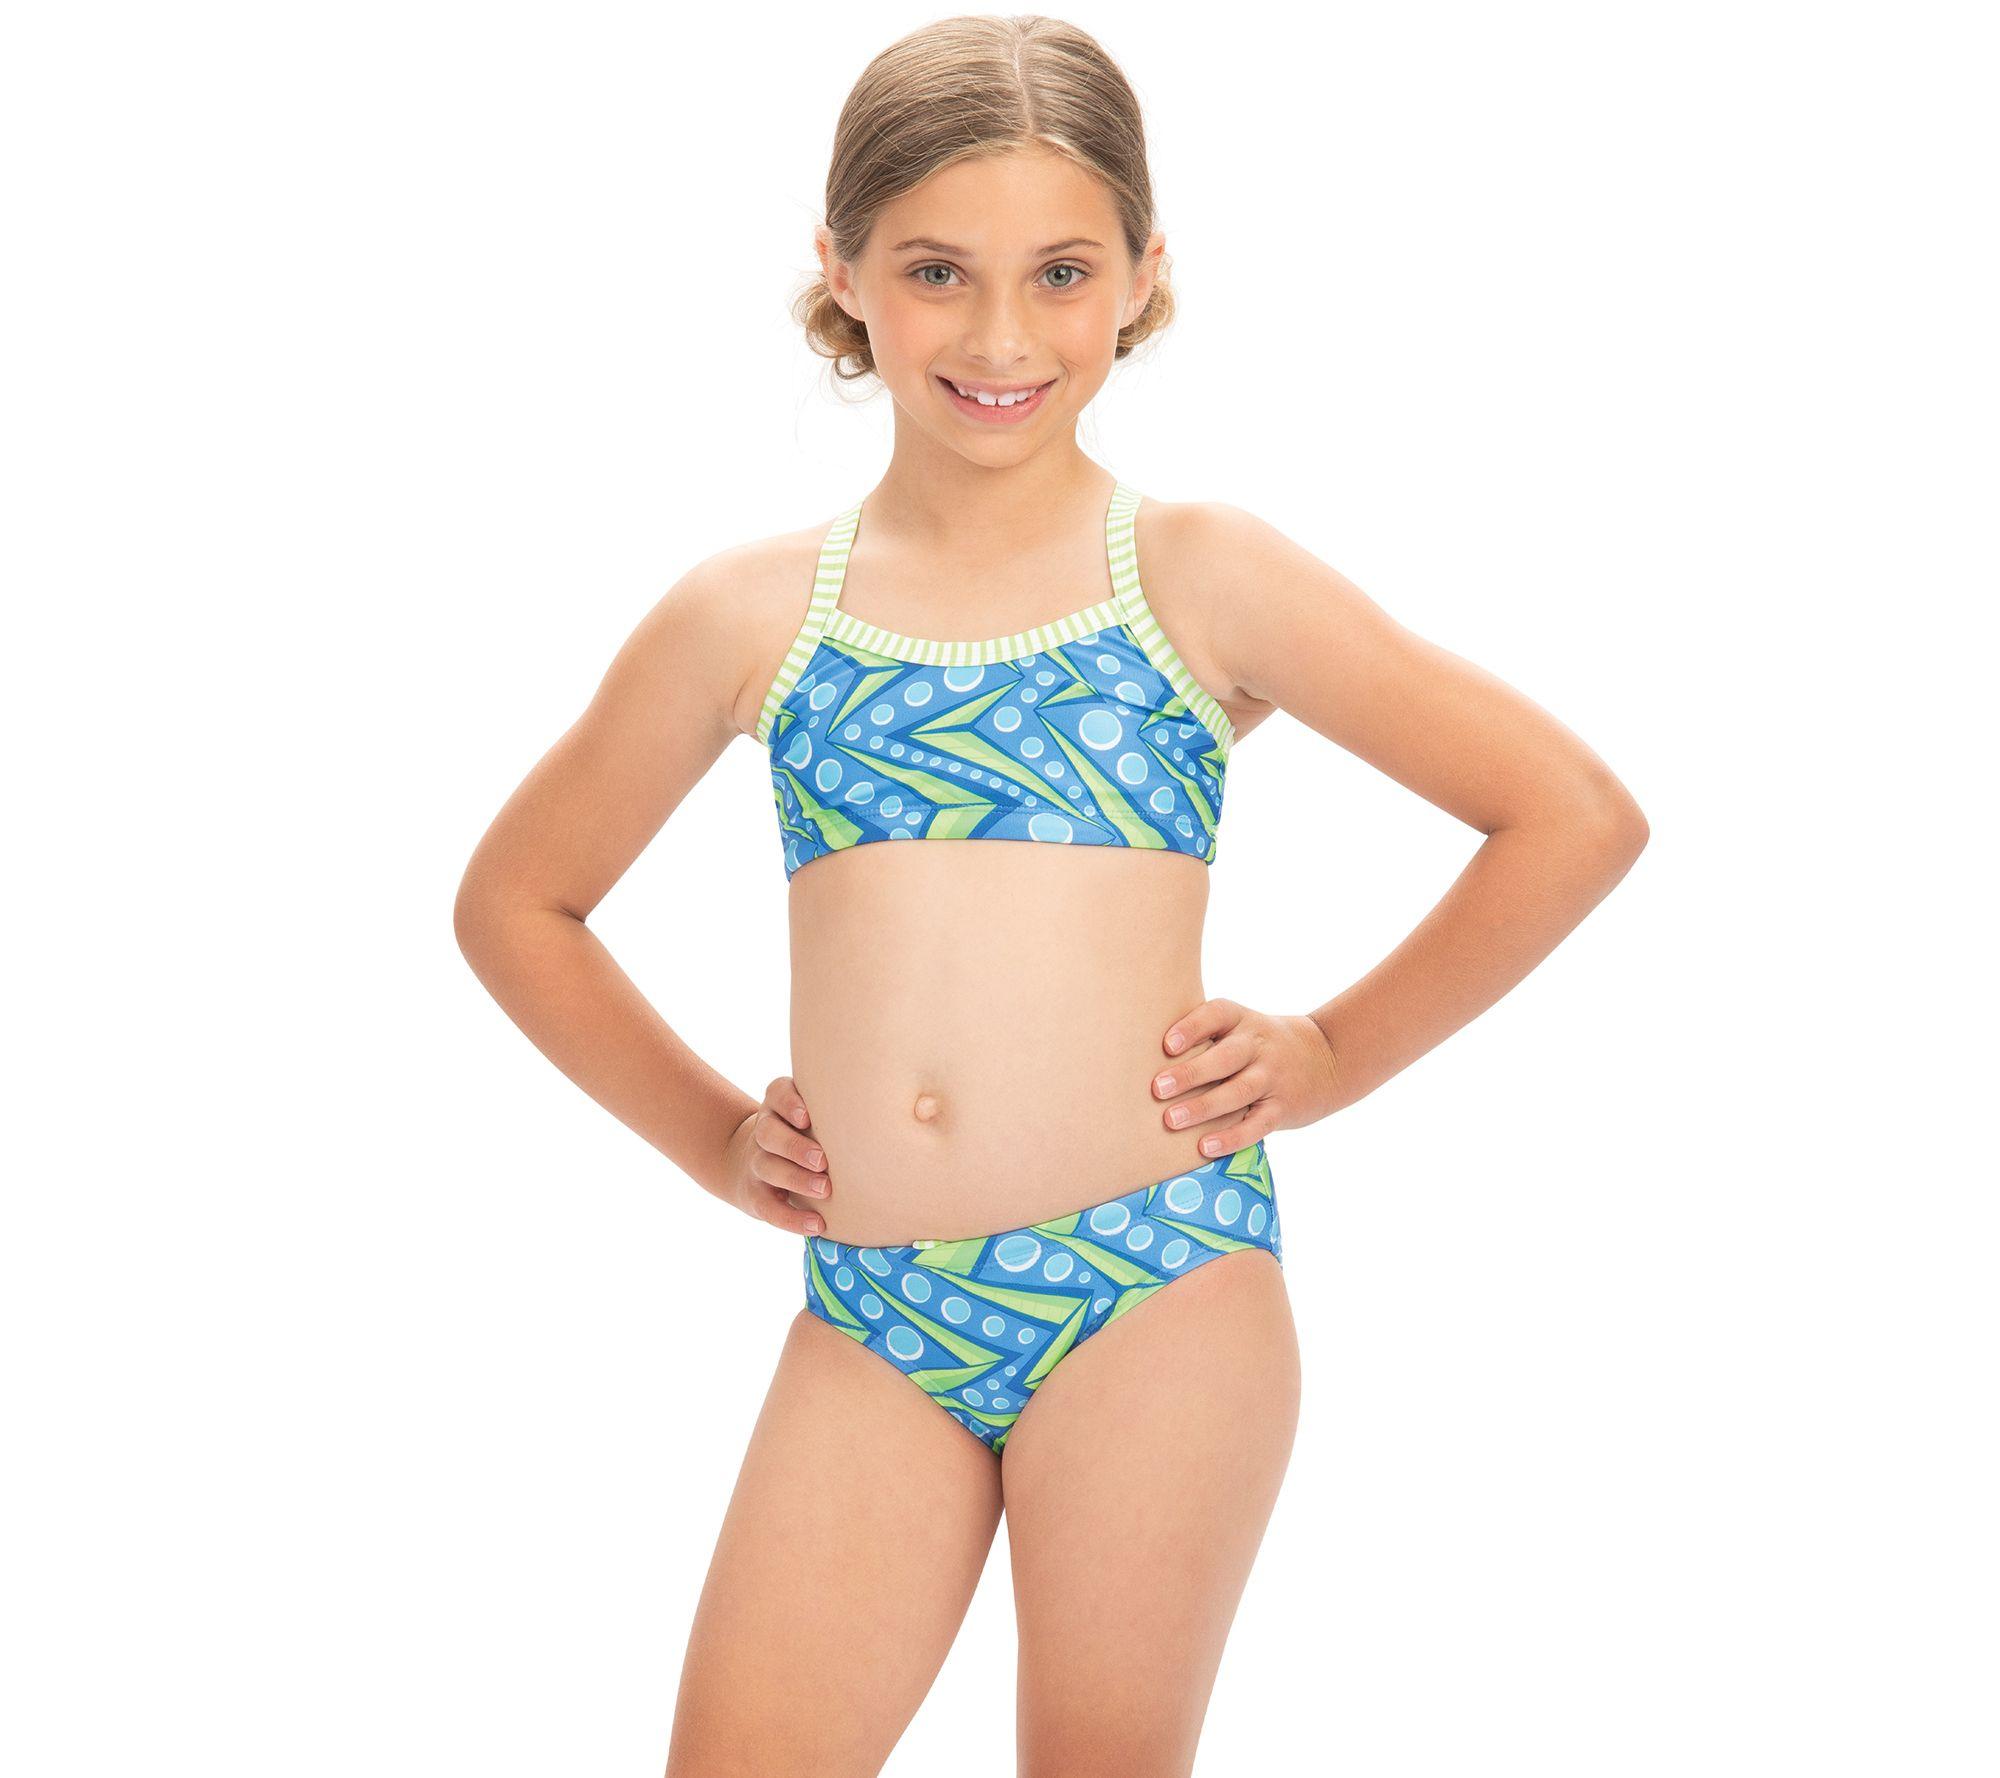 783d5ce4995 Dolfin Uglies Girls Zenon Print 2-Piece Swimsuit — QVC.com